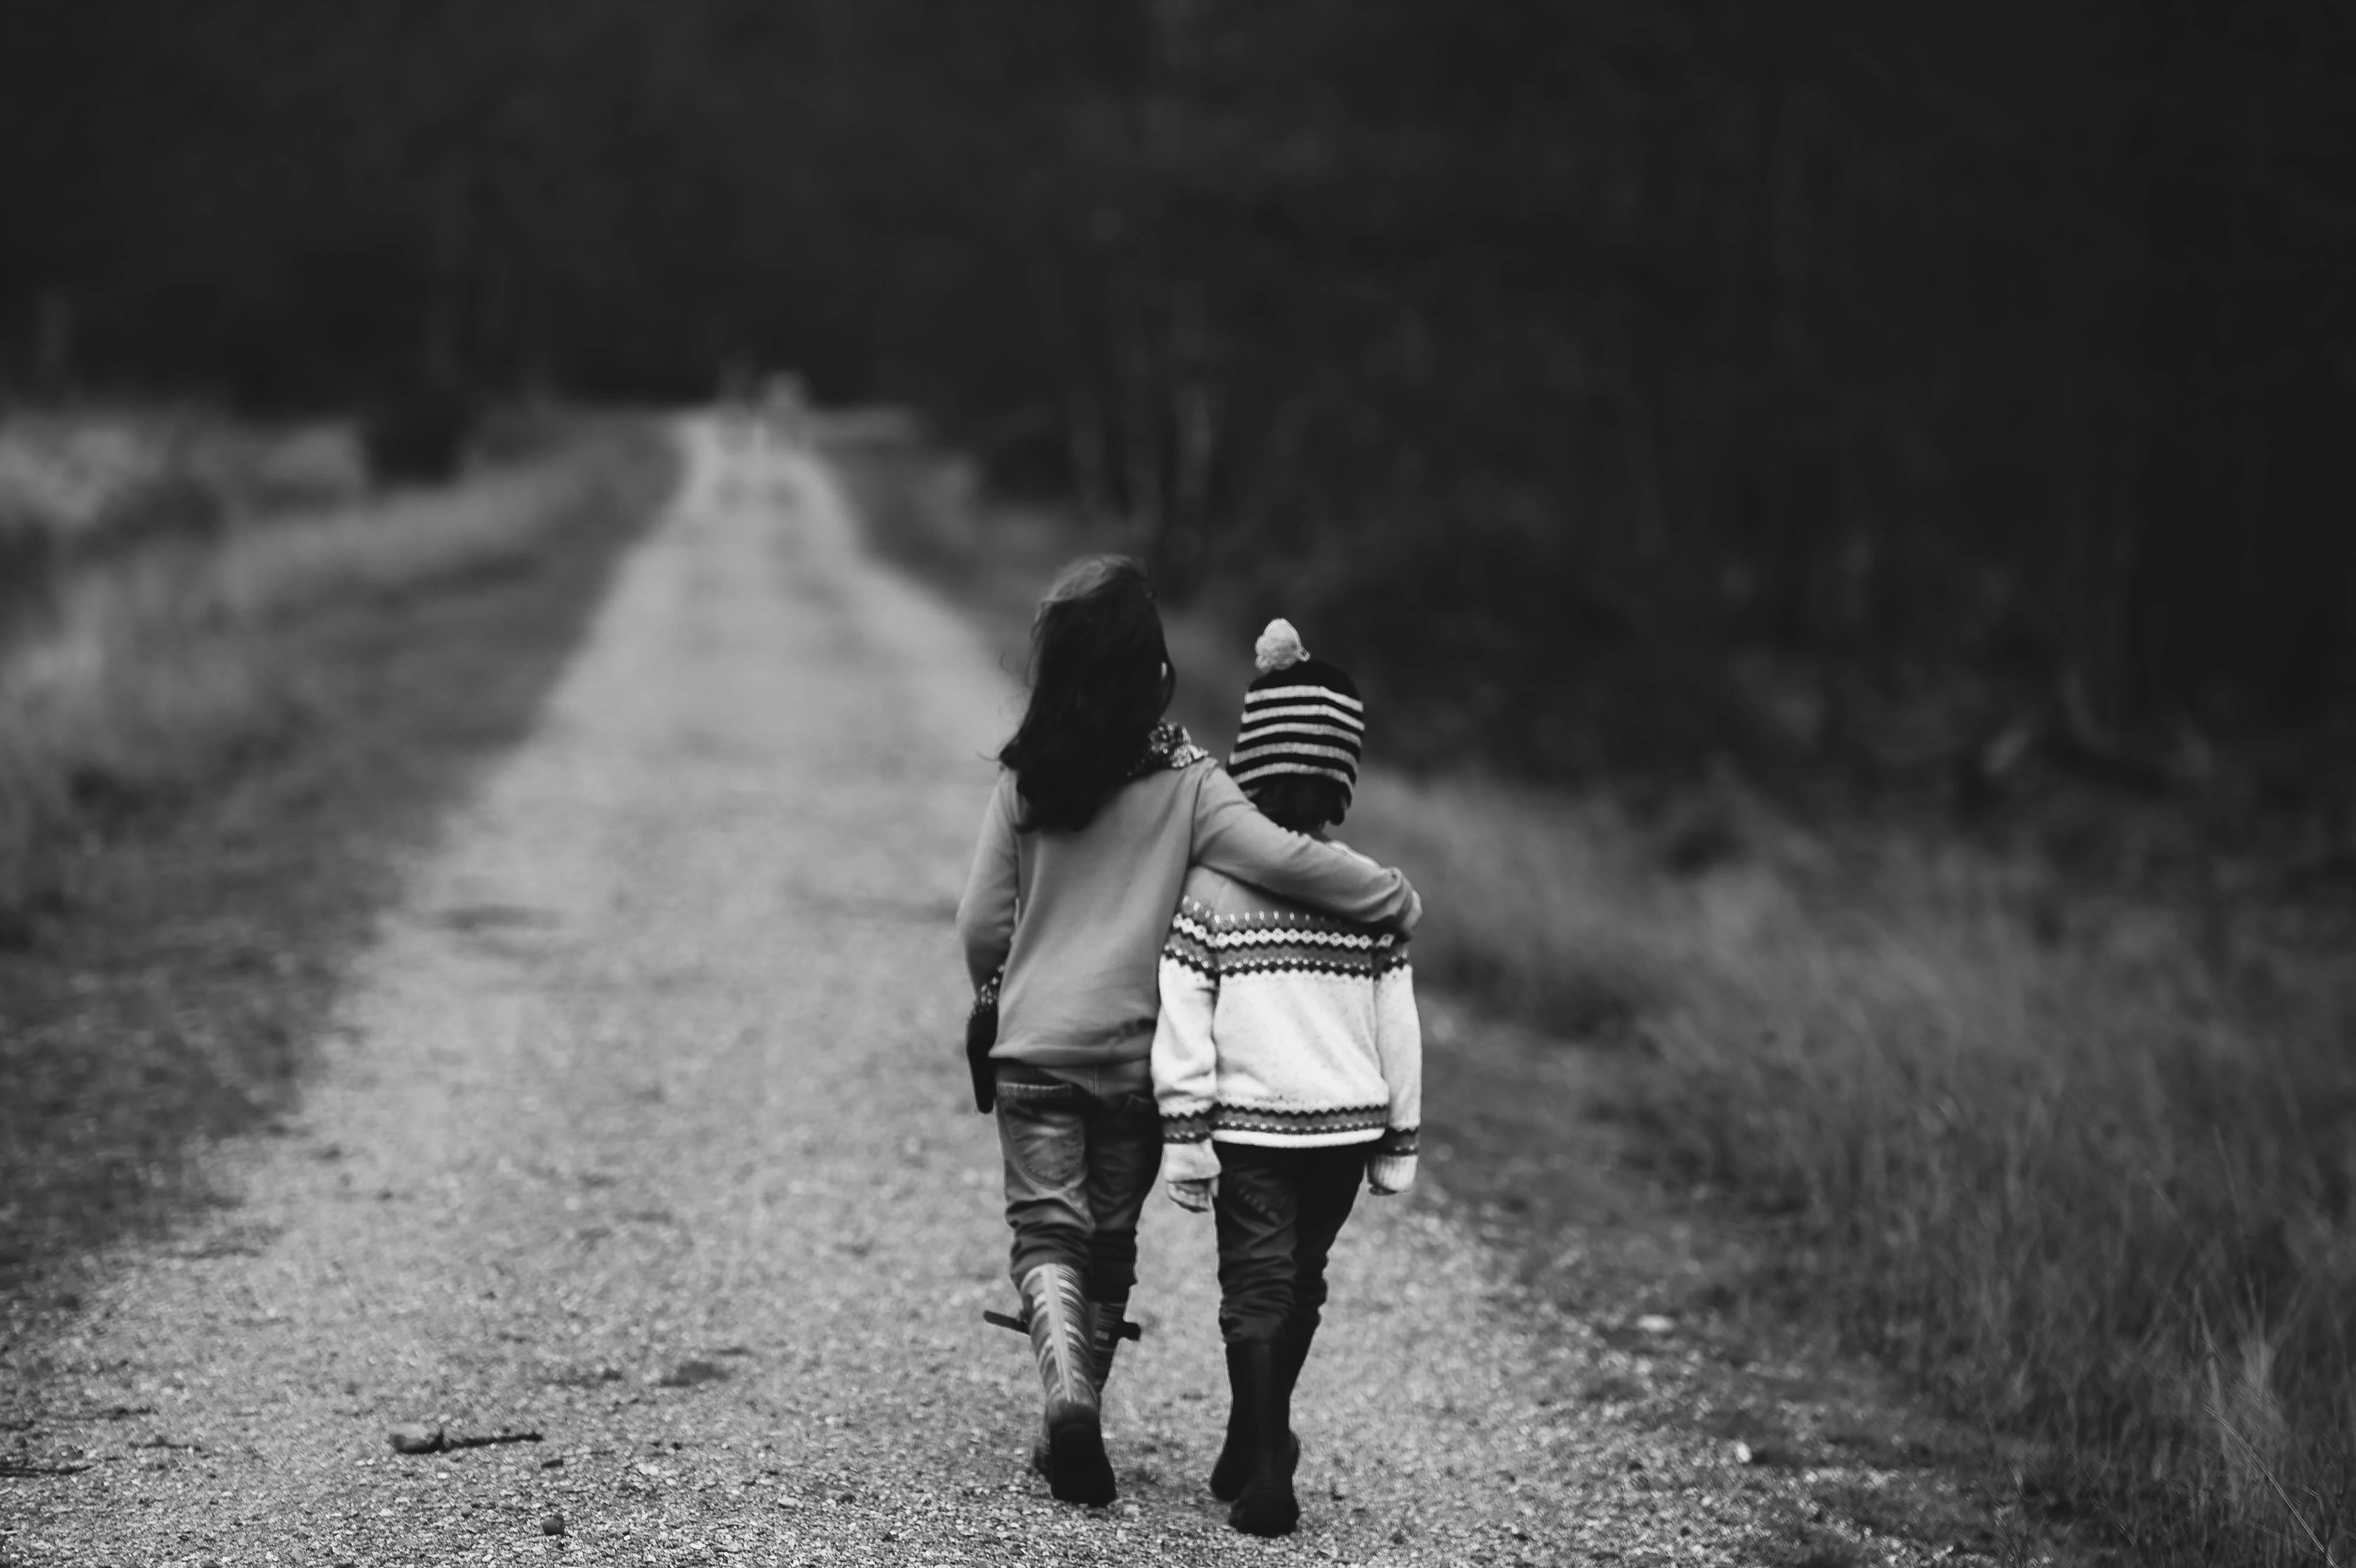 Als communicatie het probleem is gaat scheiding niet helpen bij scheiding met kinderen